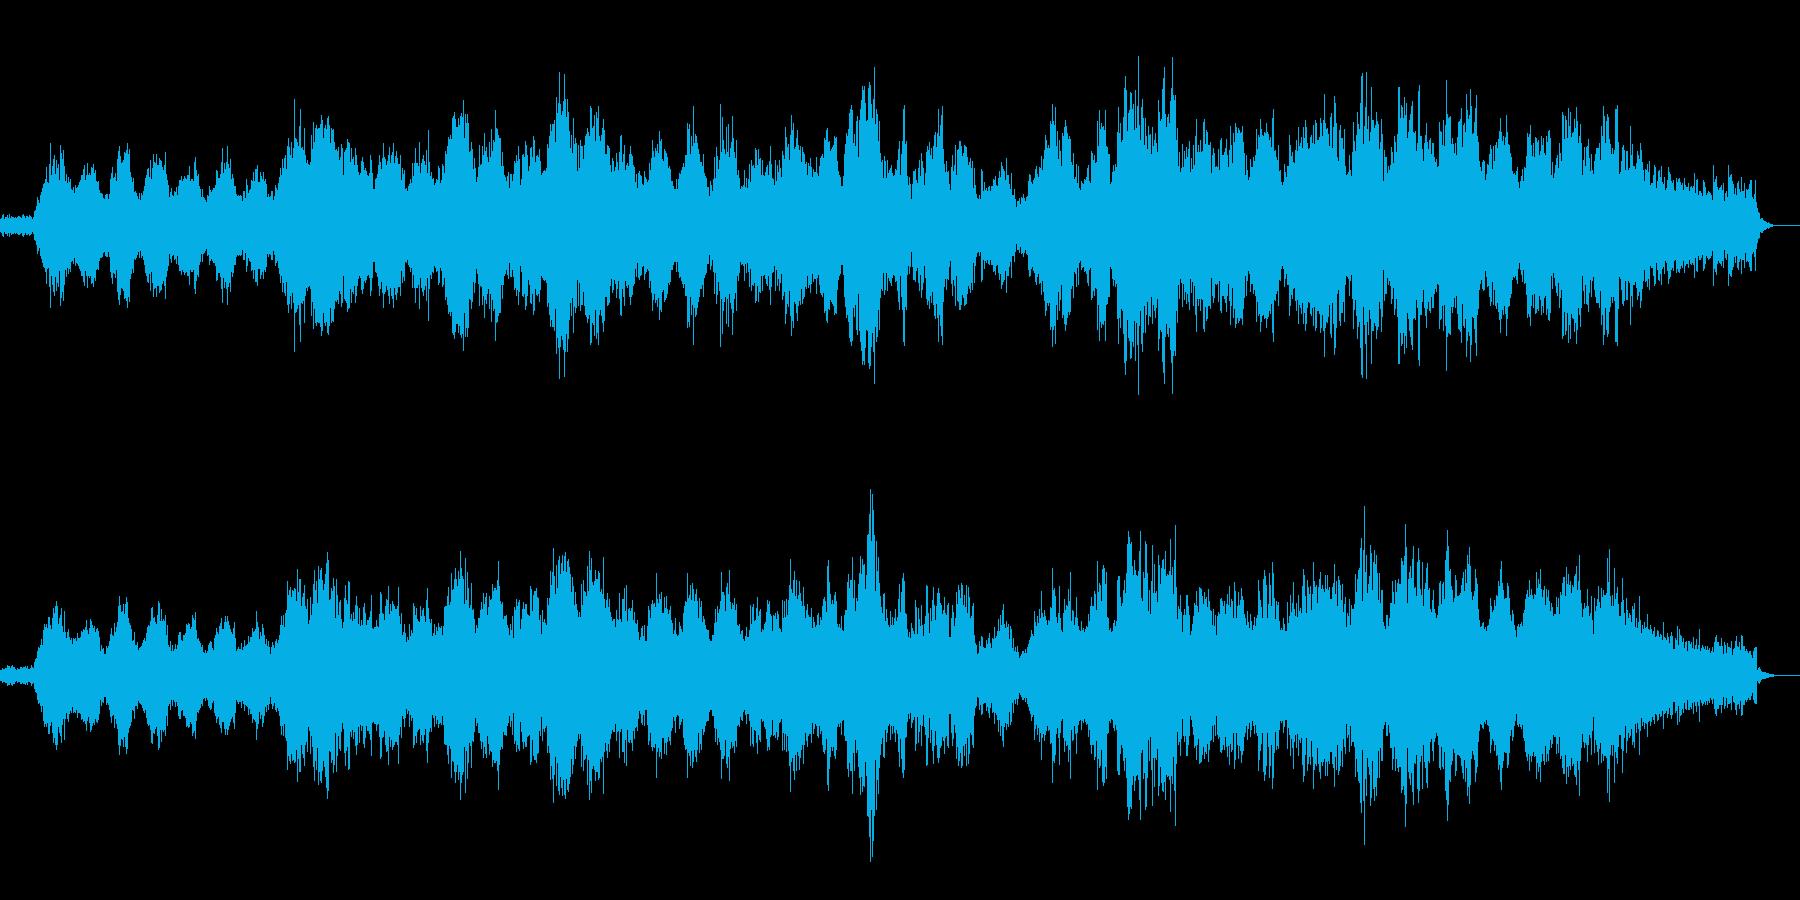 感動シーン1の再生済みの波形